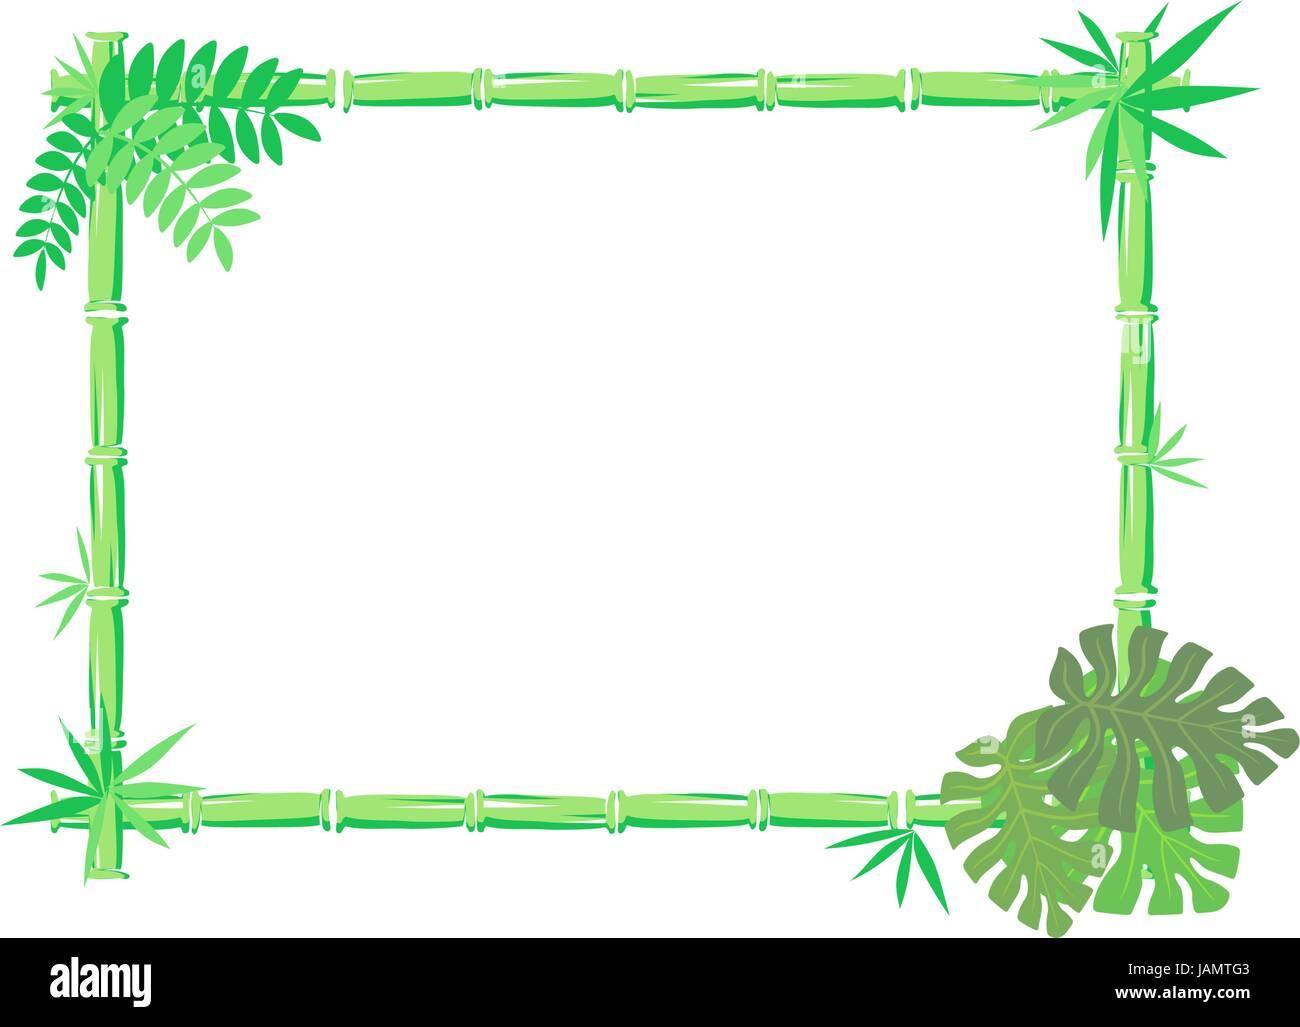 Imagen vectorial de marco de bambú aislado sobre fondo blanco ...